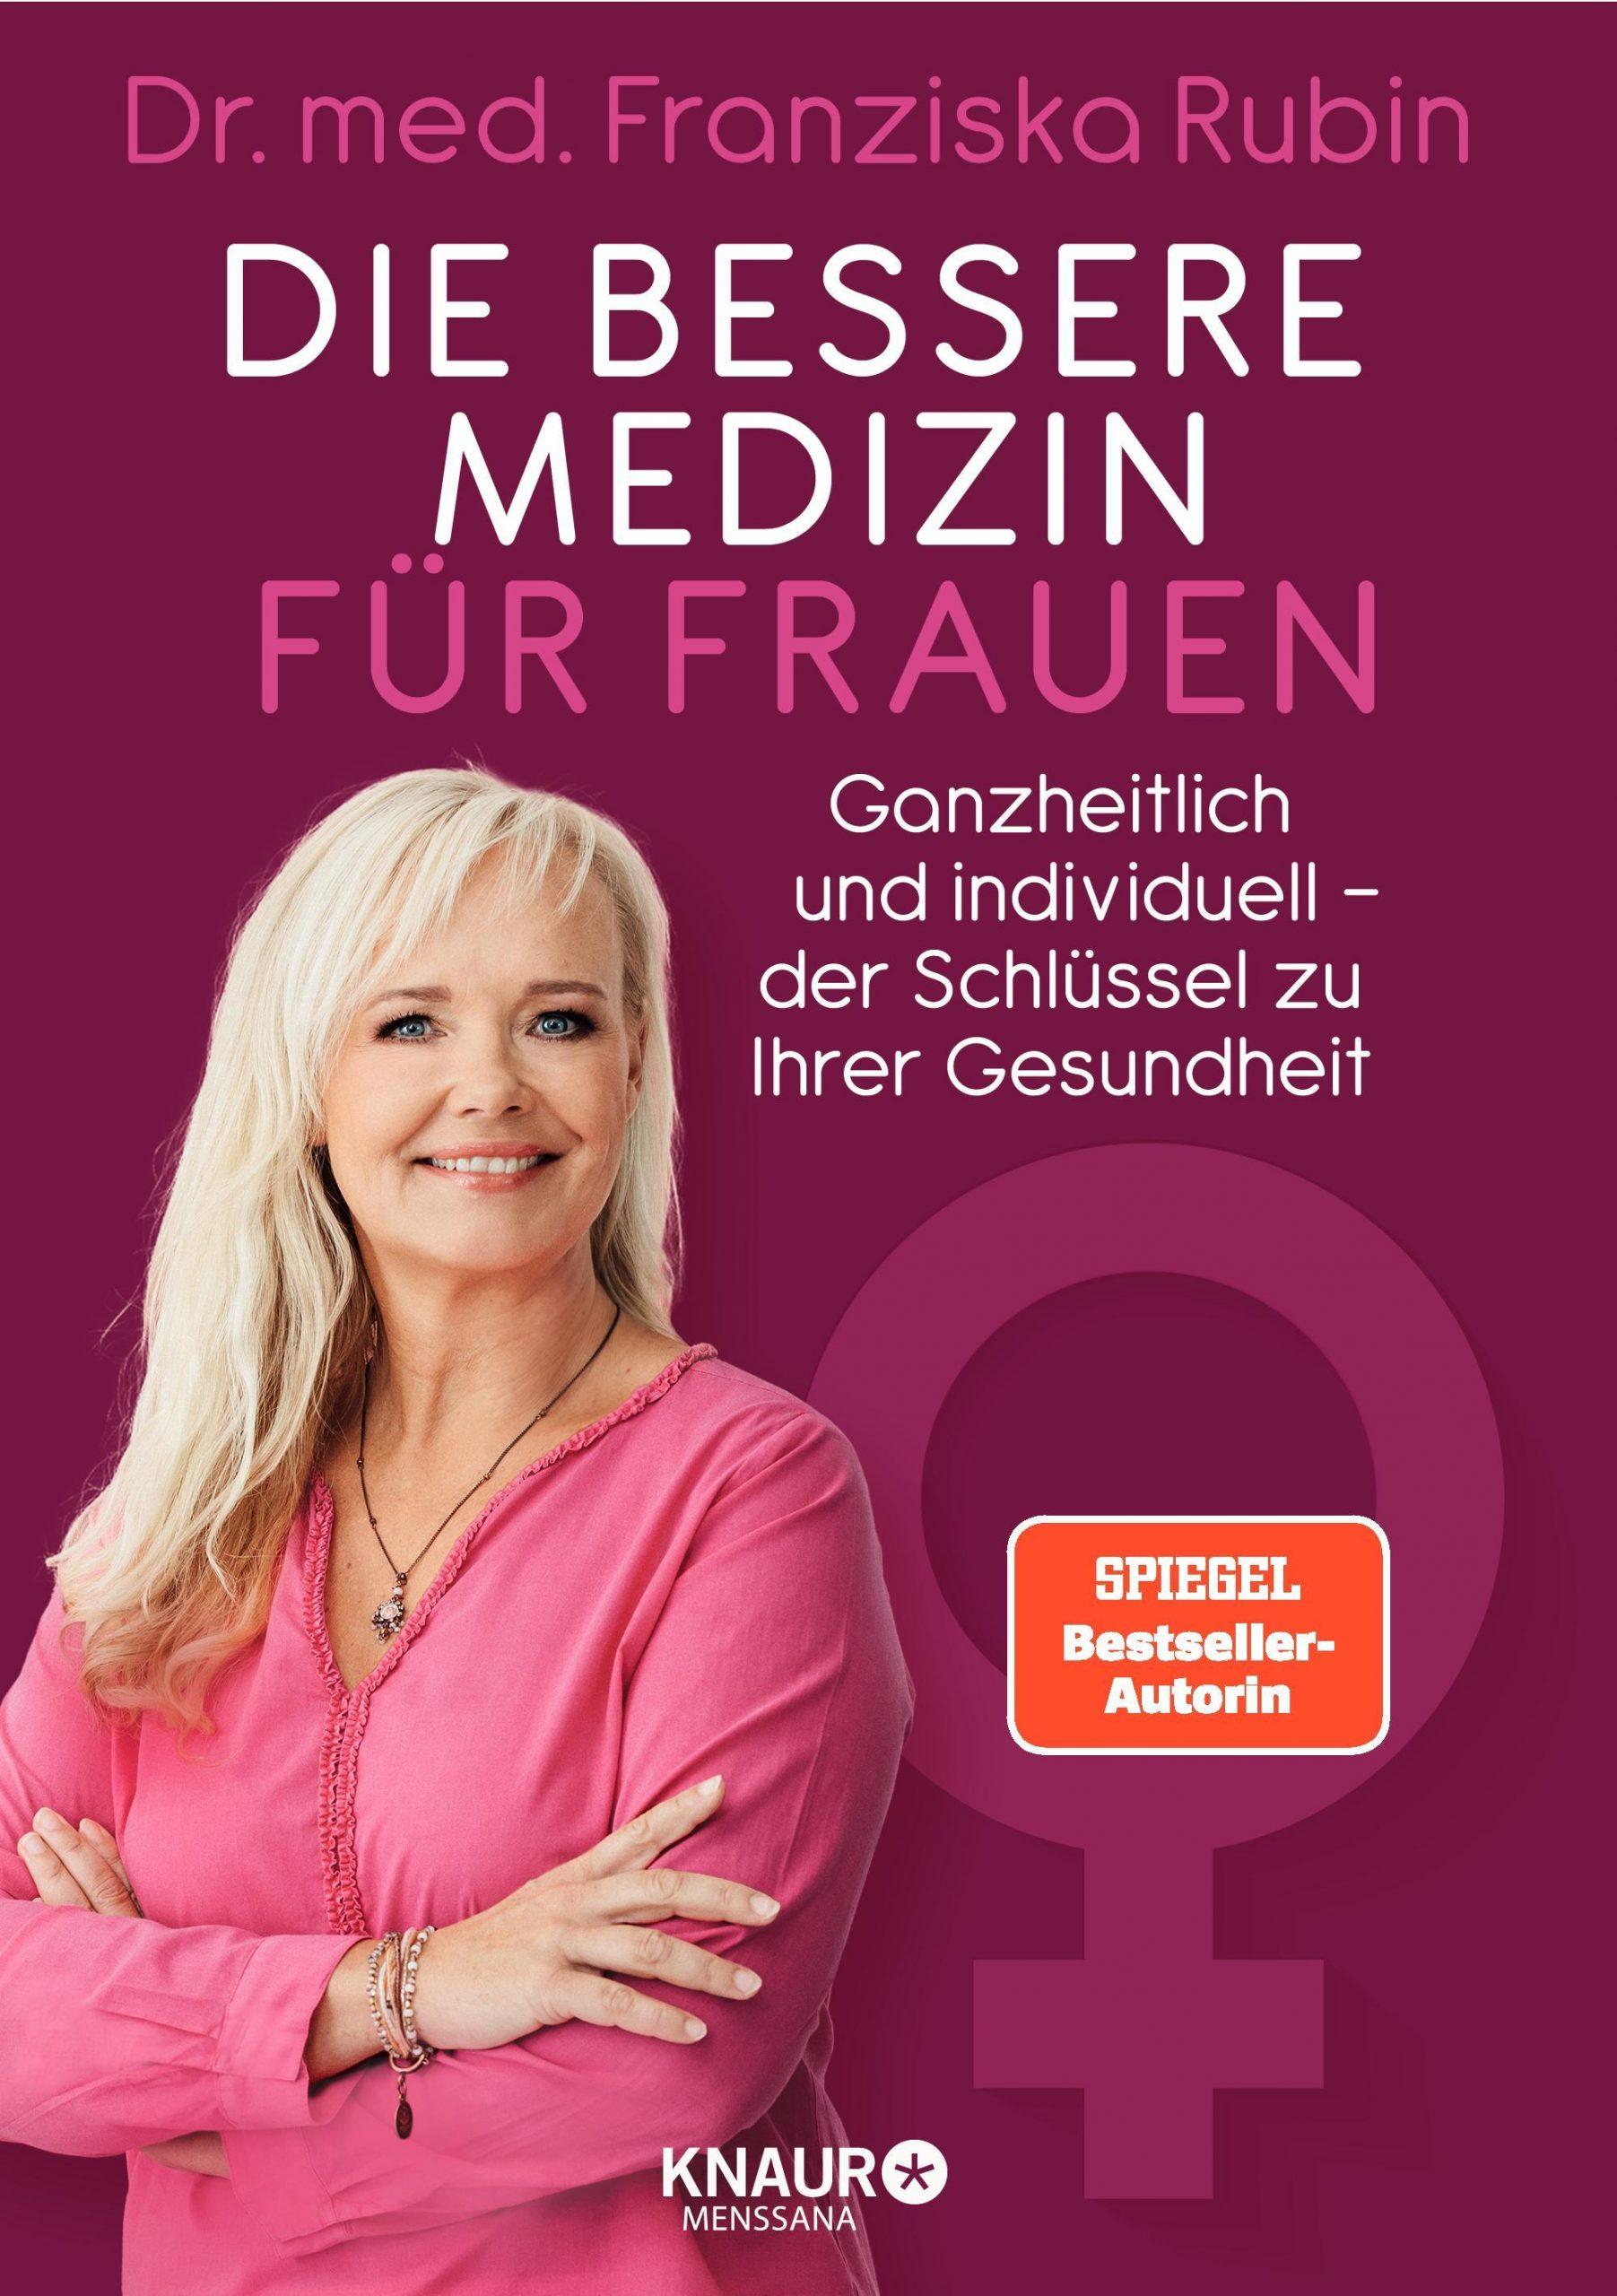 Franziska Rubin - Die bessere Medizin für Frauen: Ganzheitlich und individuell - der Schlüssel zu Ihrer Gesundheit